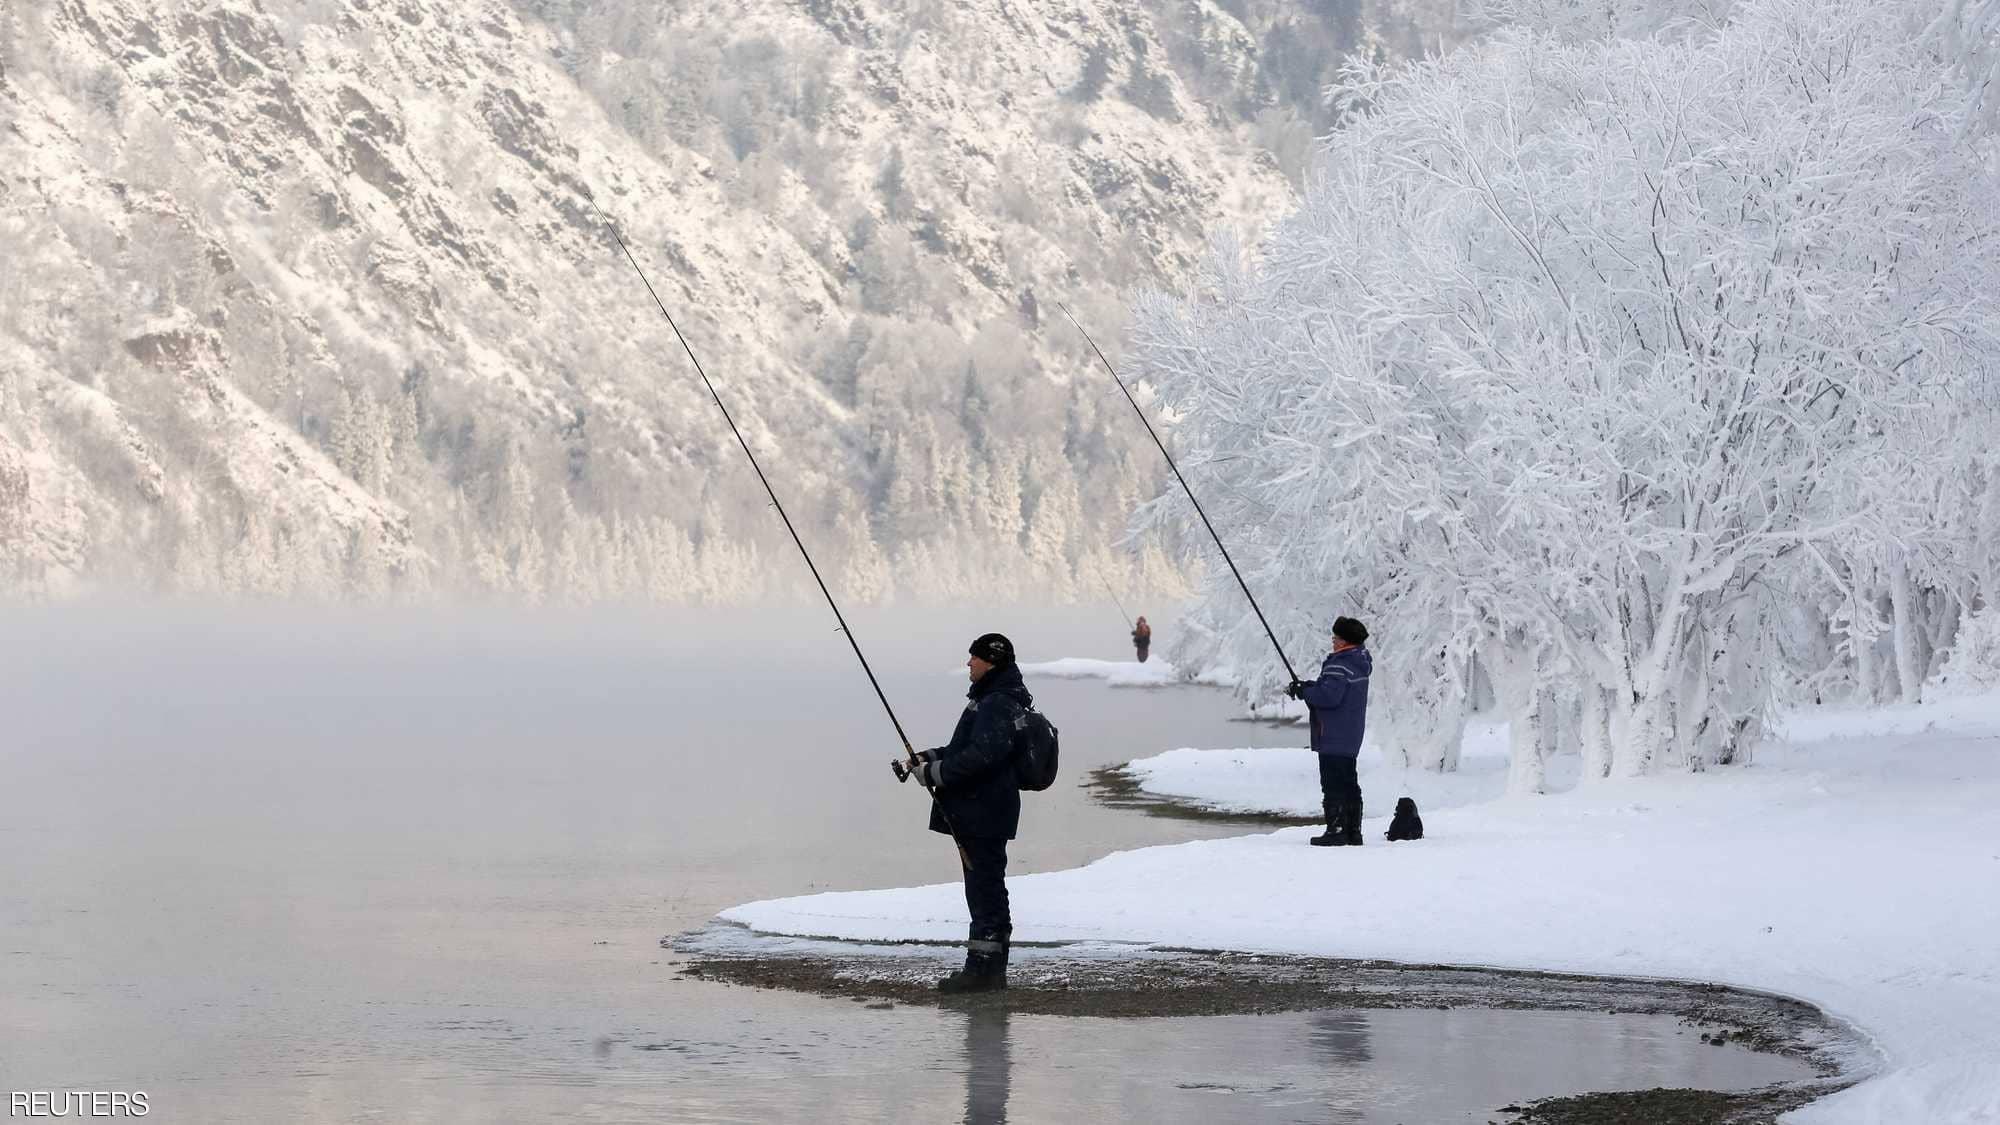 شخصان يصطادان الأسماك من نهر يانيسى بمقاطعة سيبيريا